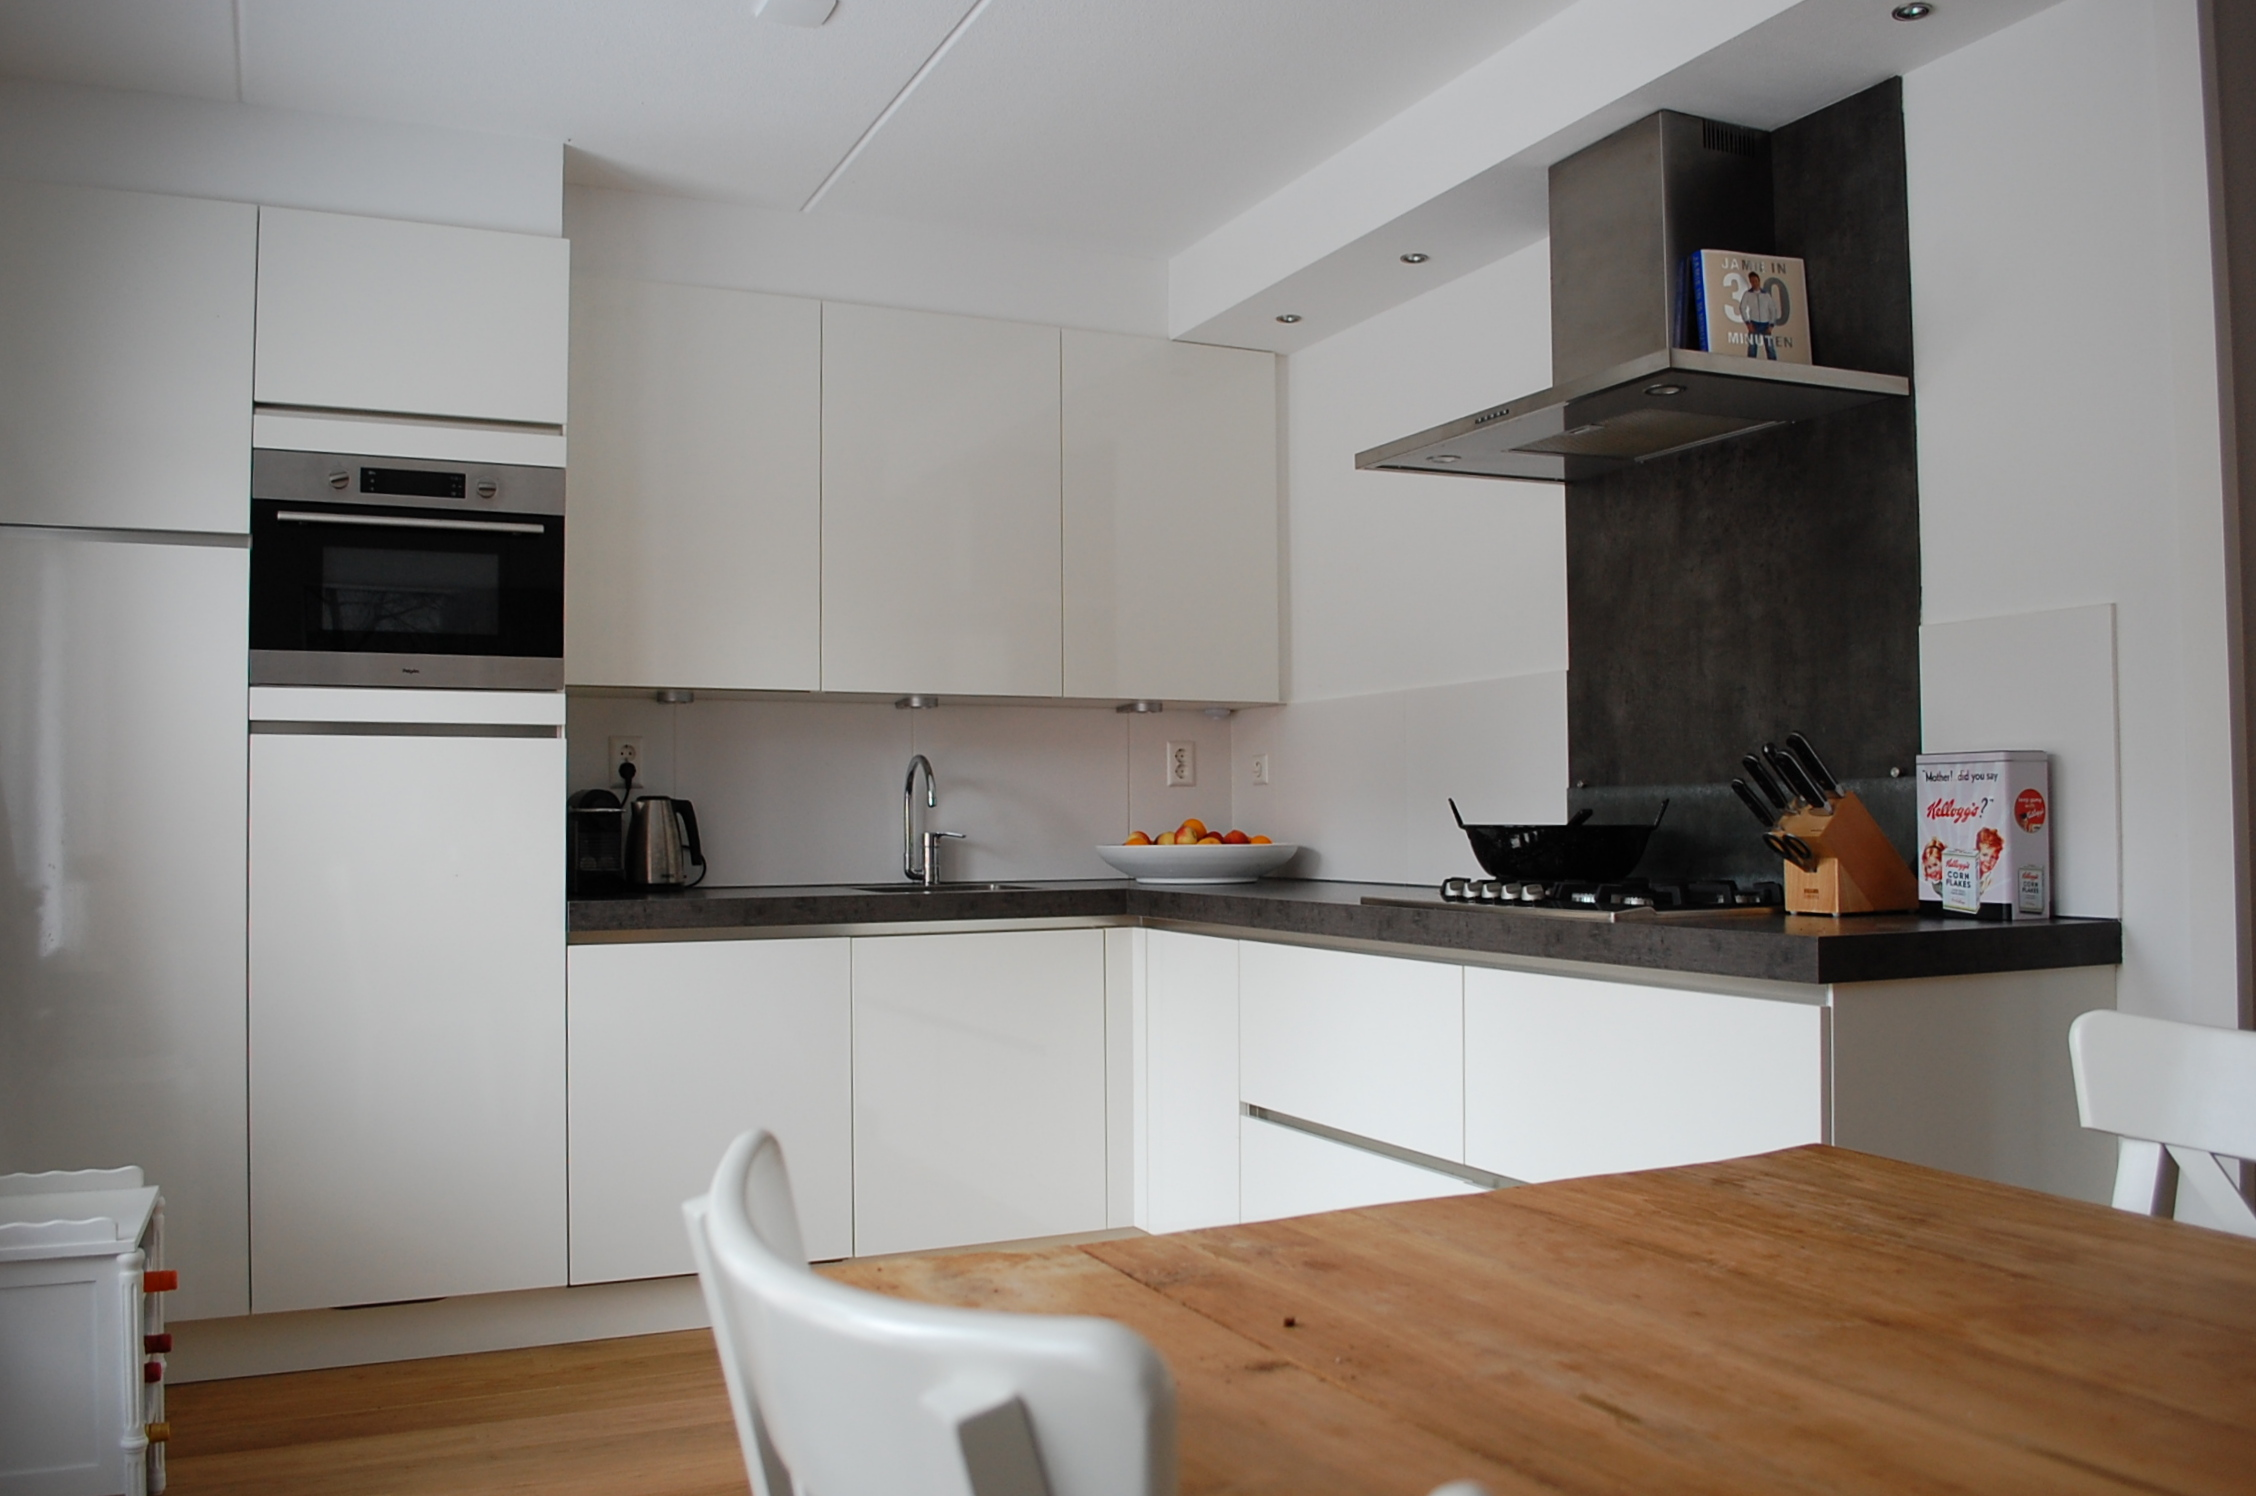 Witte Keuken Kleur Muur : De strakke, witte keuken krijgt door de ...